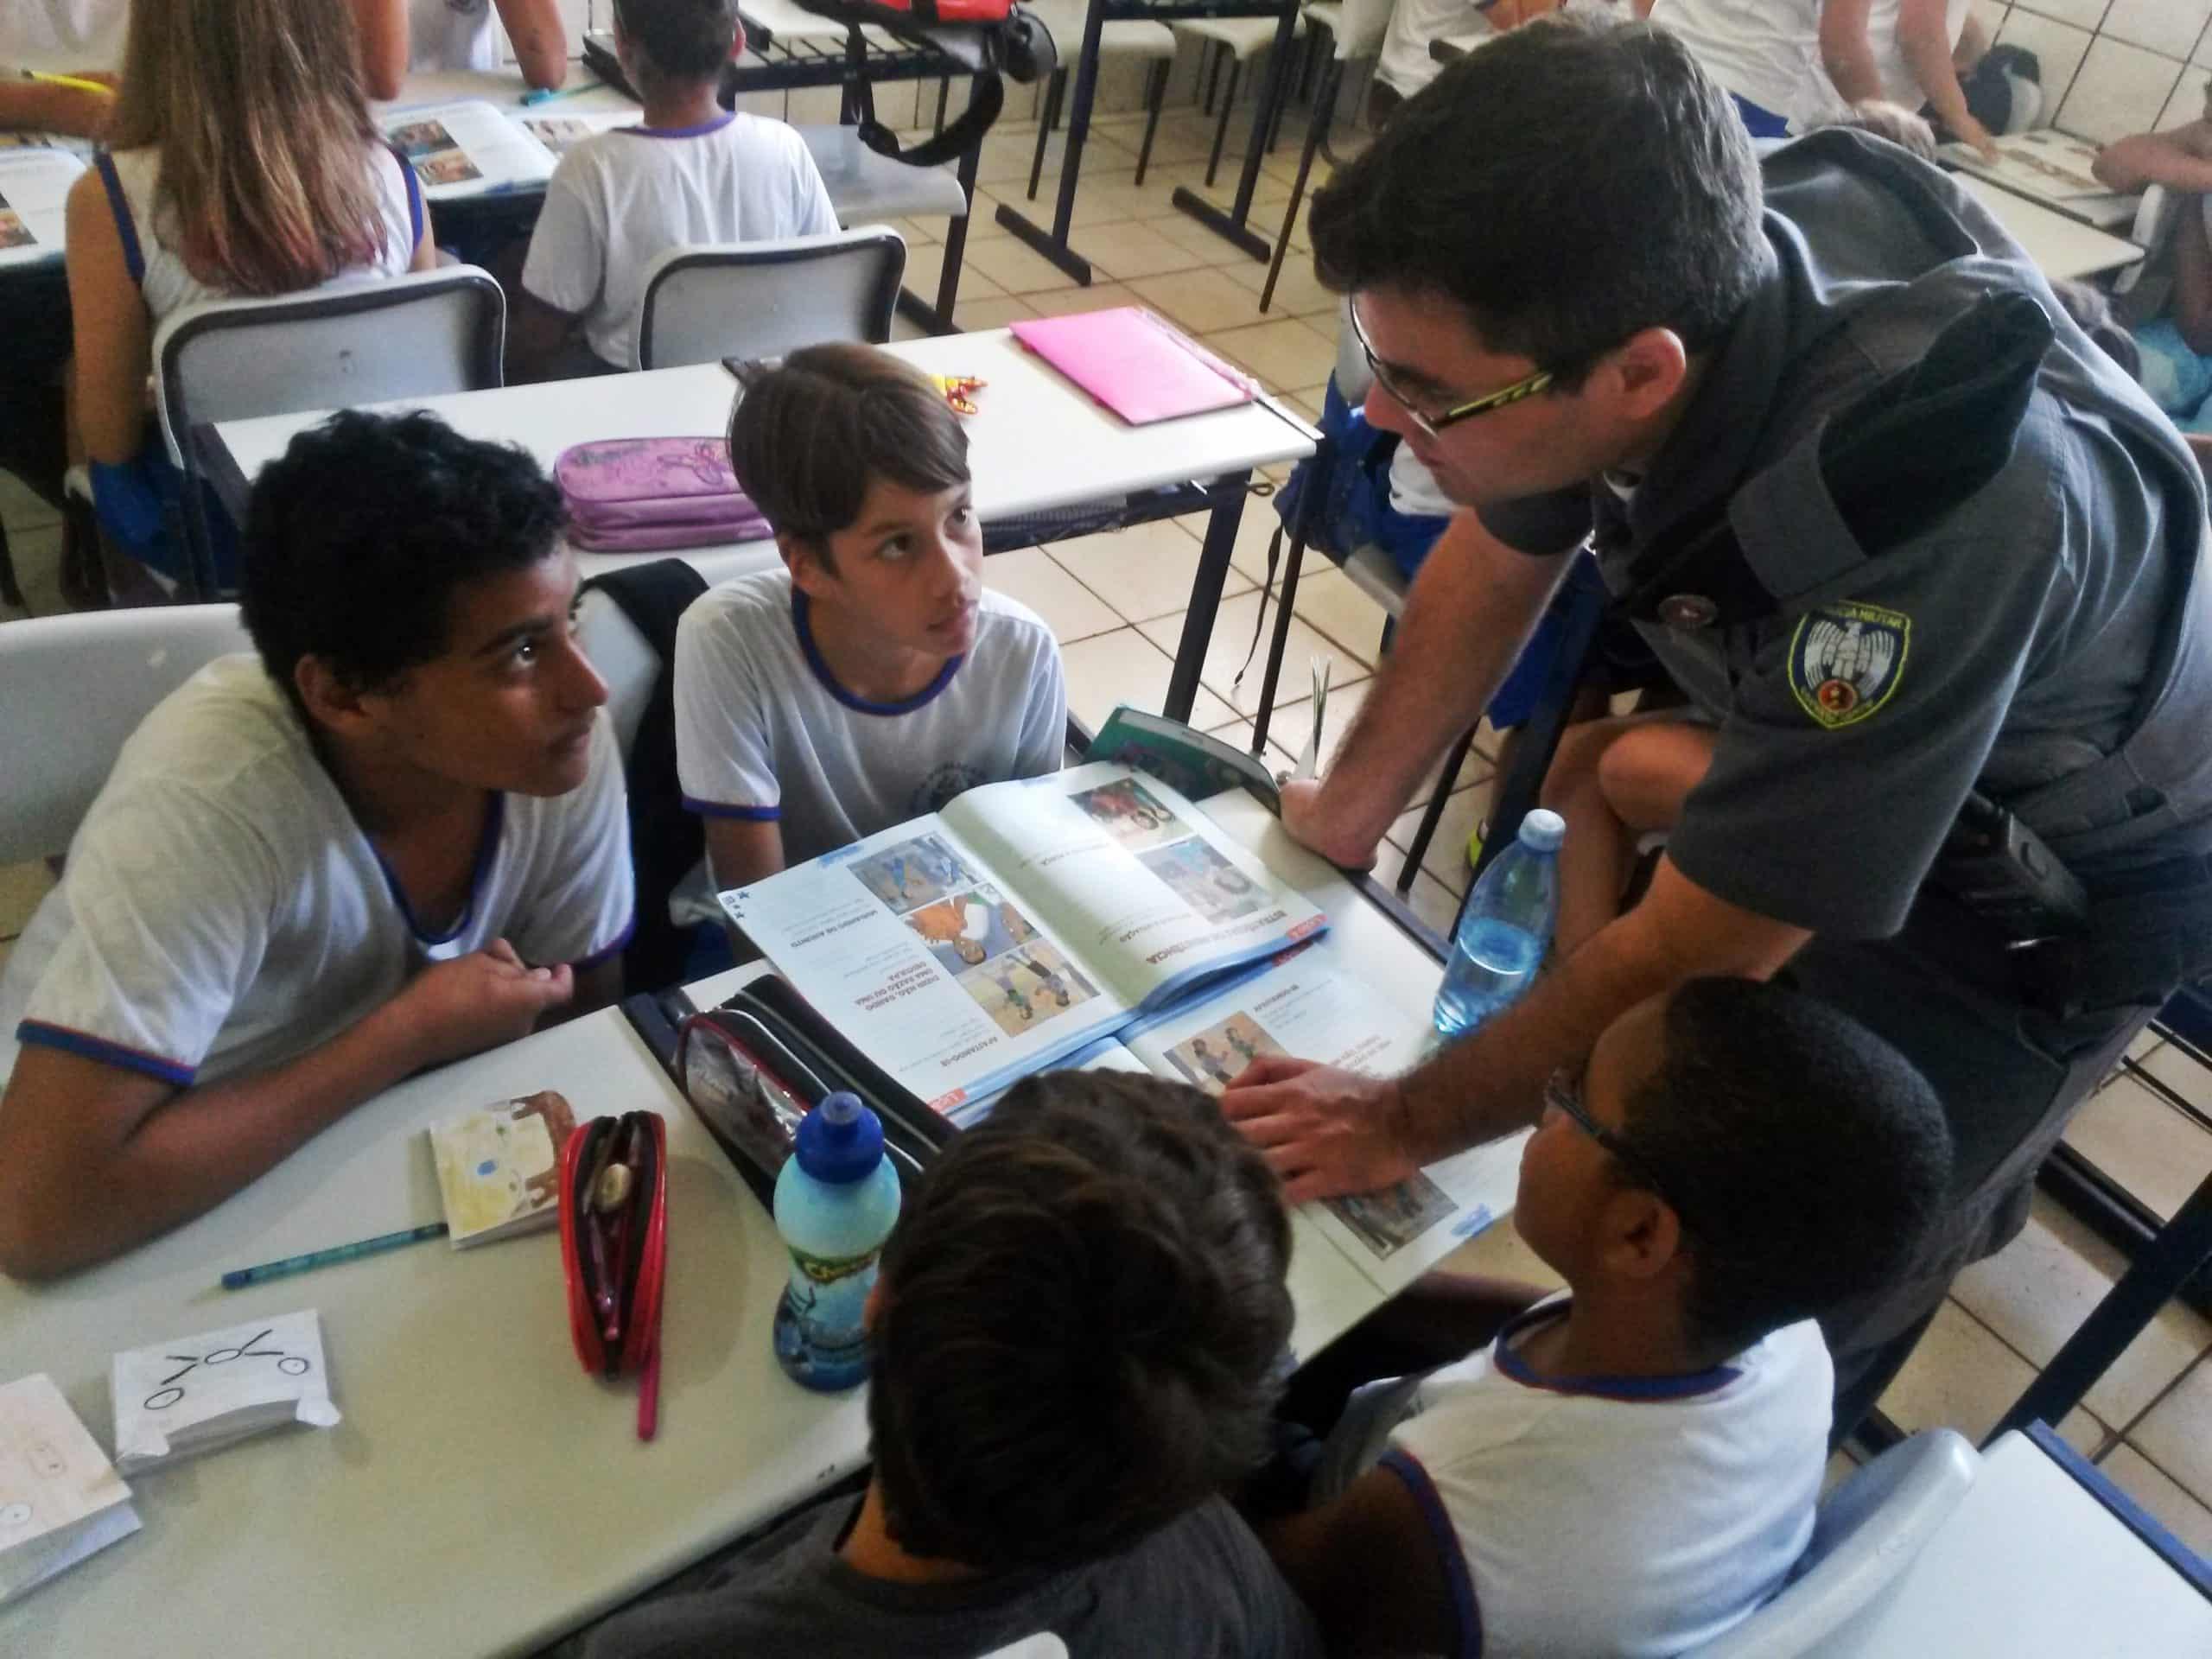 O programa consiste em uma ação conjunta entre o Policial Militar devidamente capacitado, chamado Policial Proerd